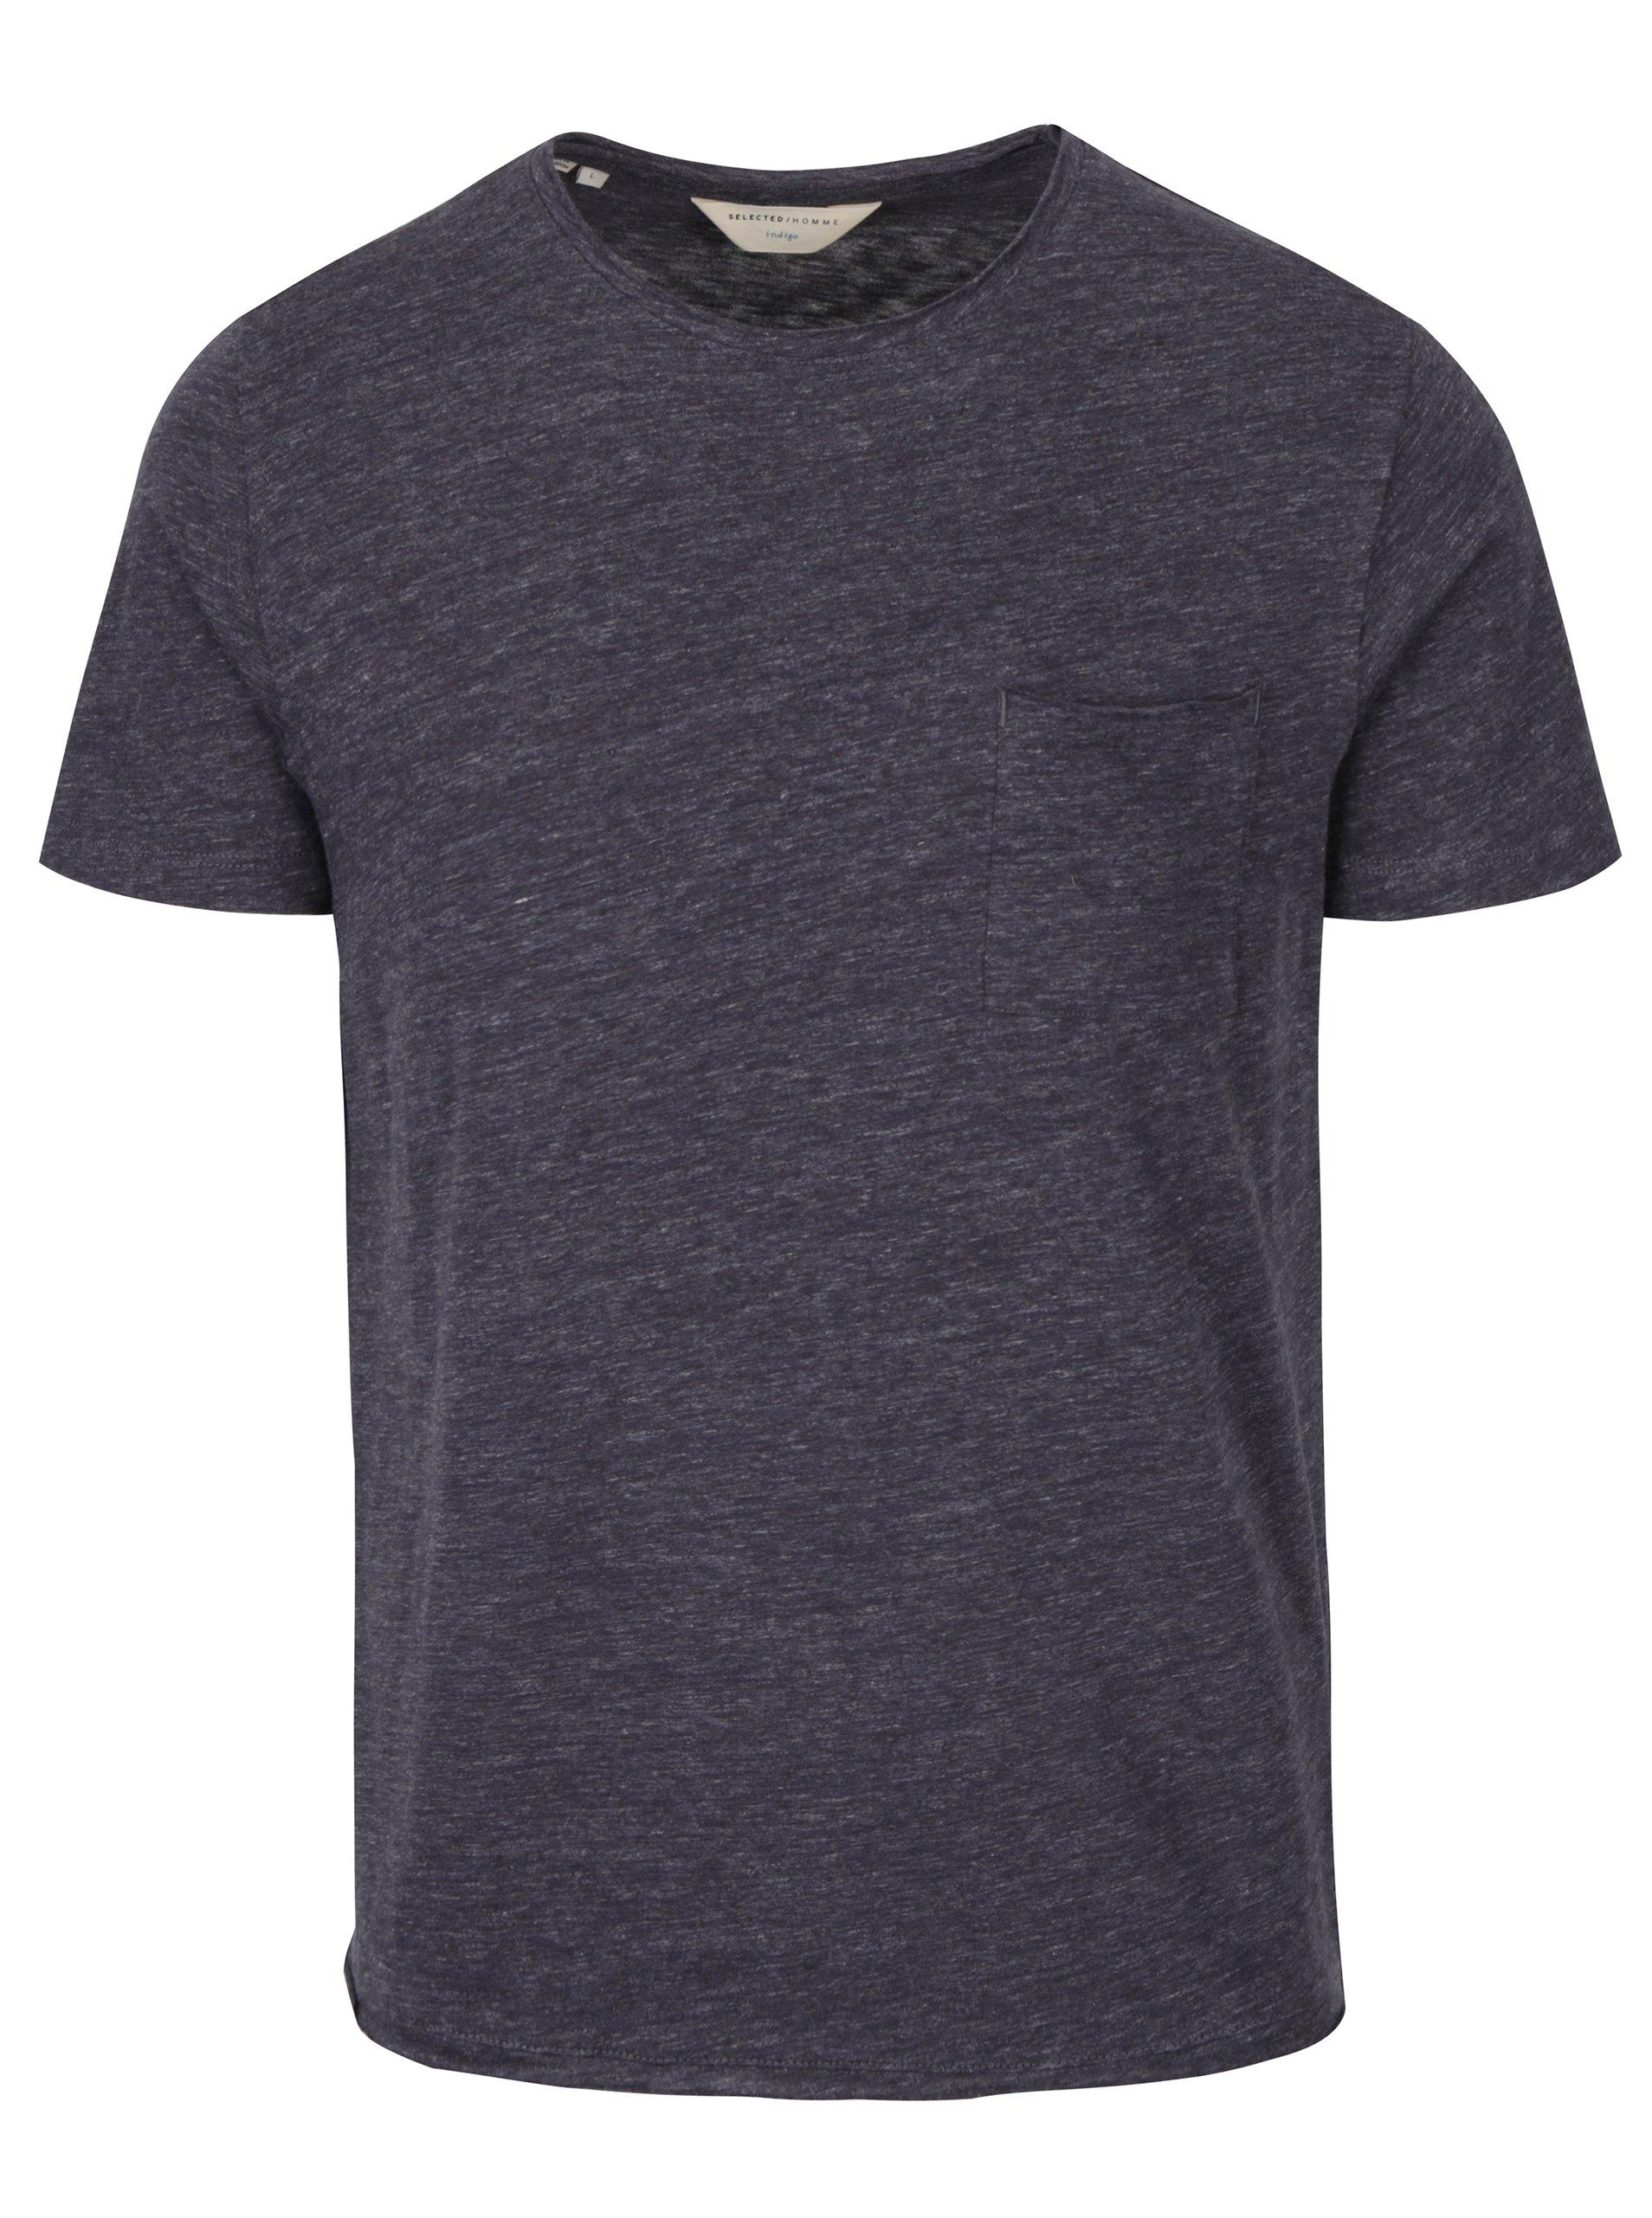 Tmavě šedé žíhané tričko s kapsou Selected Homme Gravel